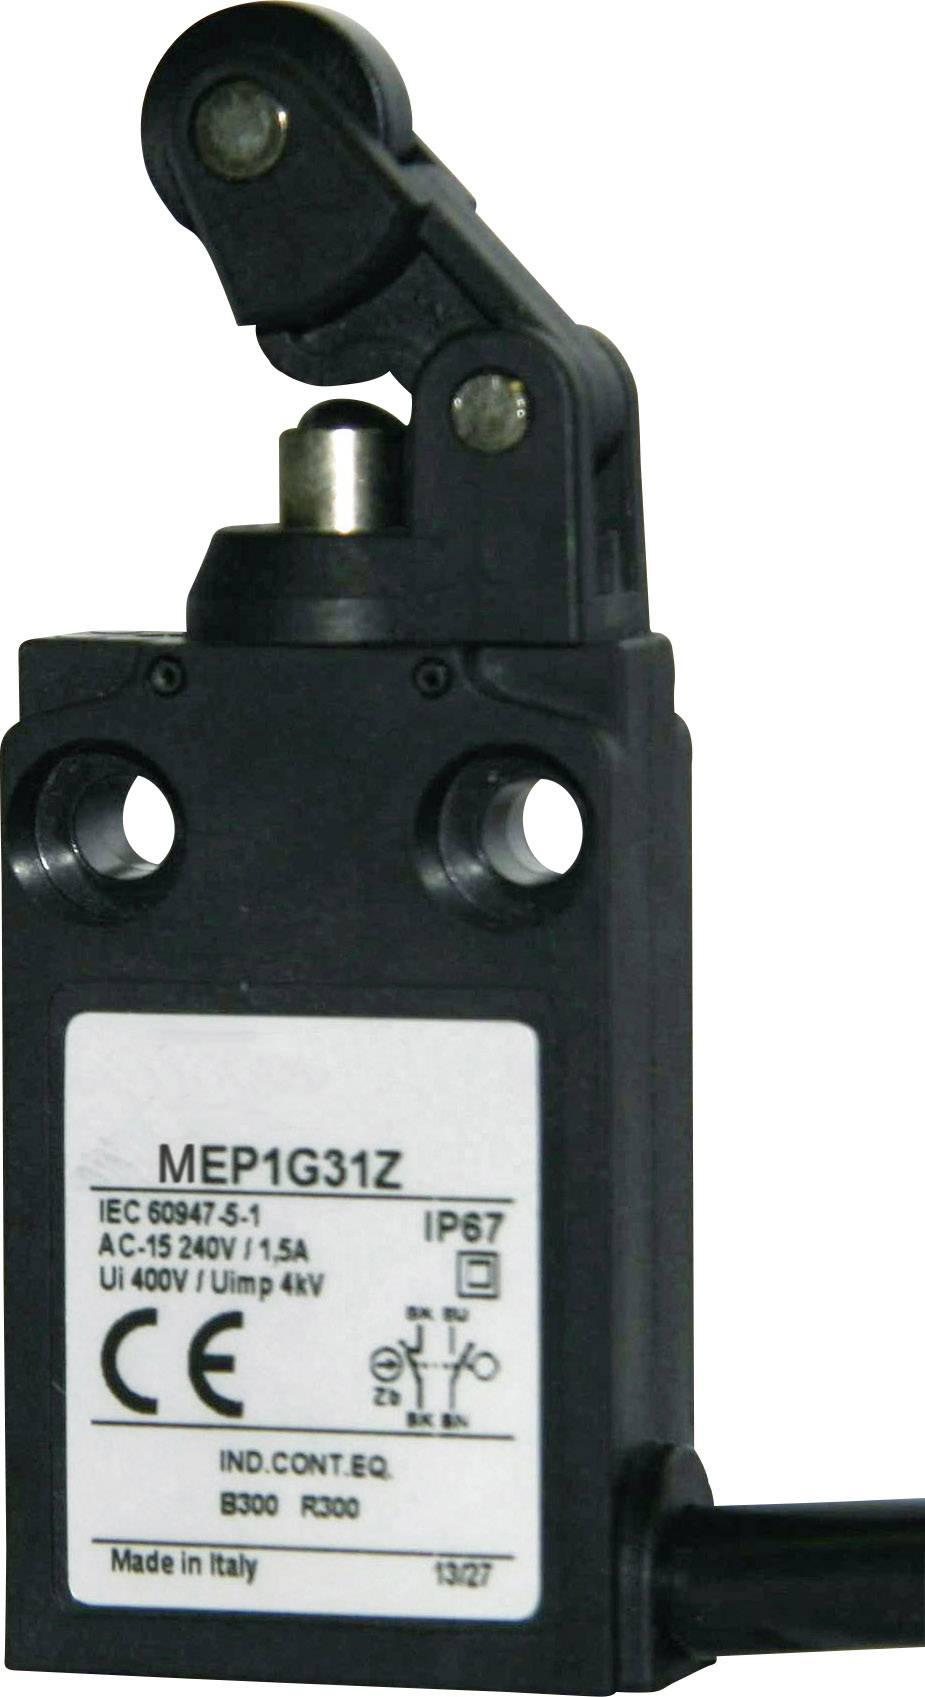 Koncový spínač Panasonic MEP1G31Z, 24 V, 5 A, páka s rolnou, IP67, 1 ks